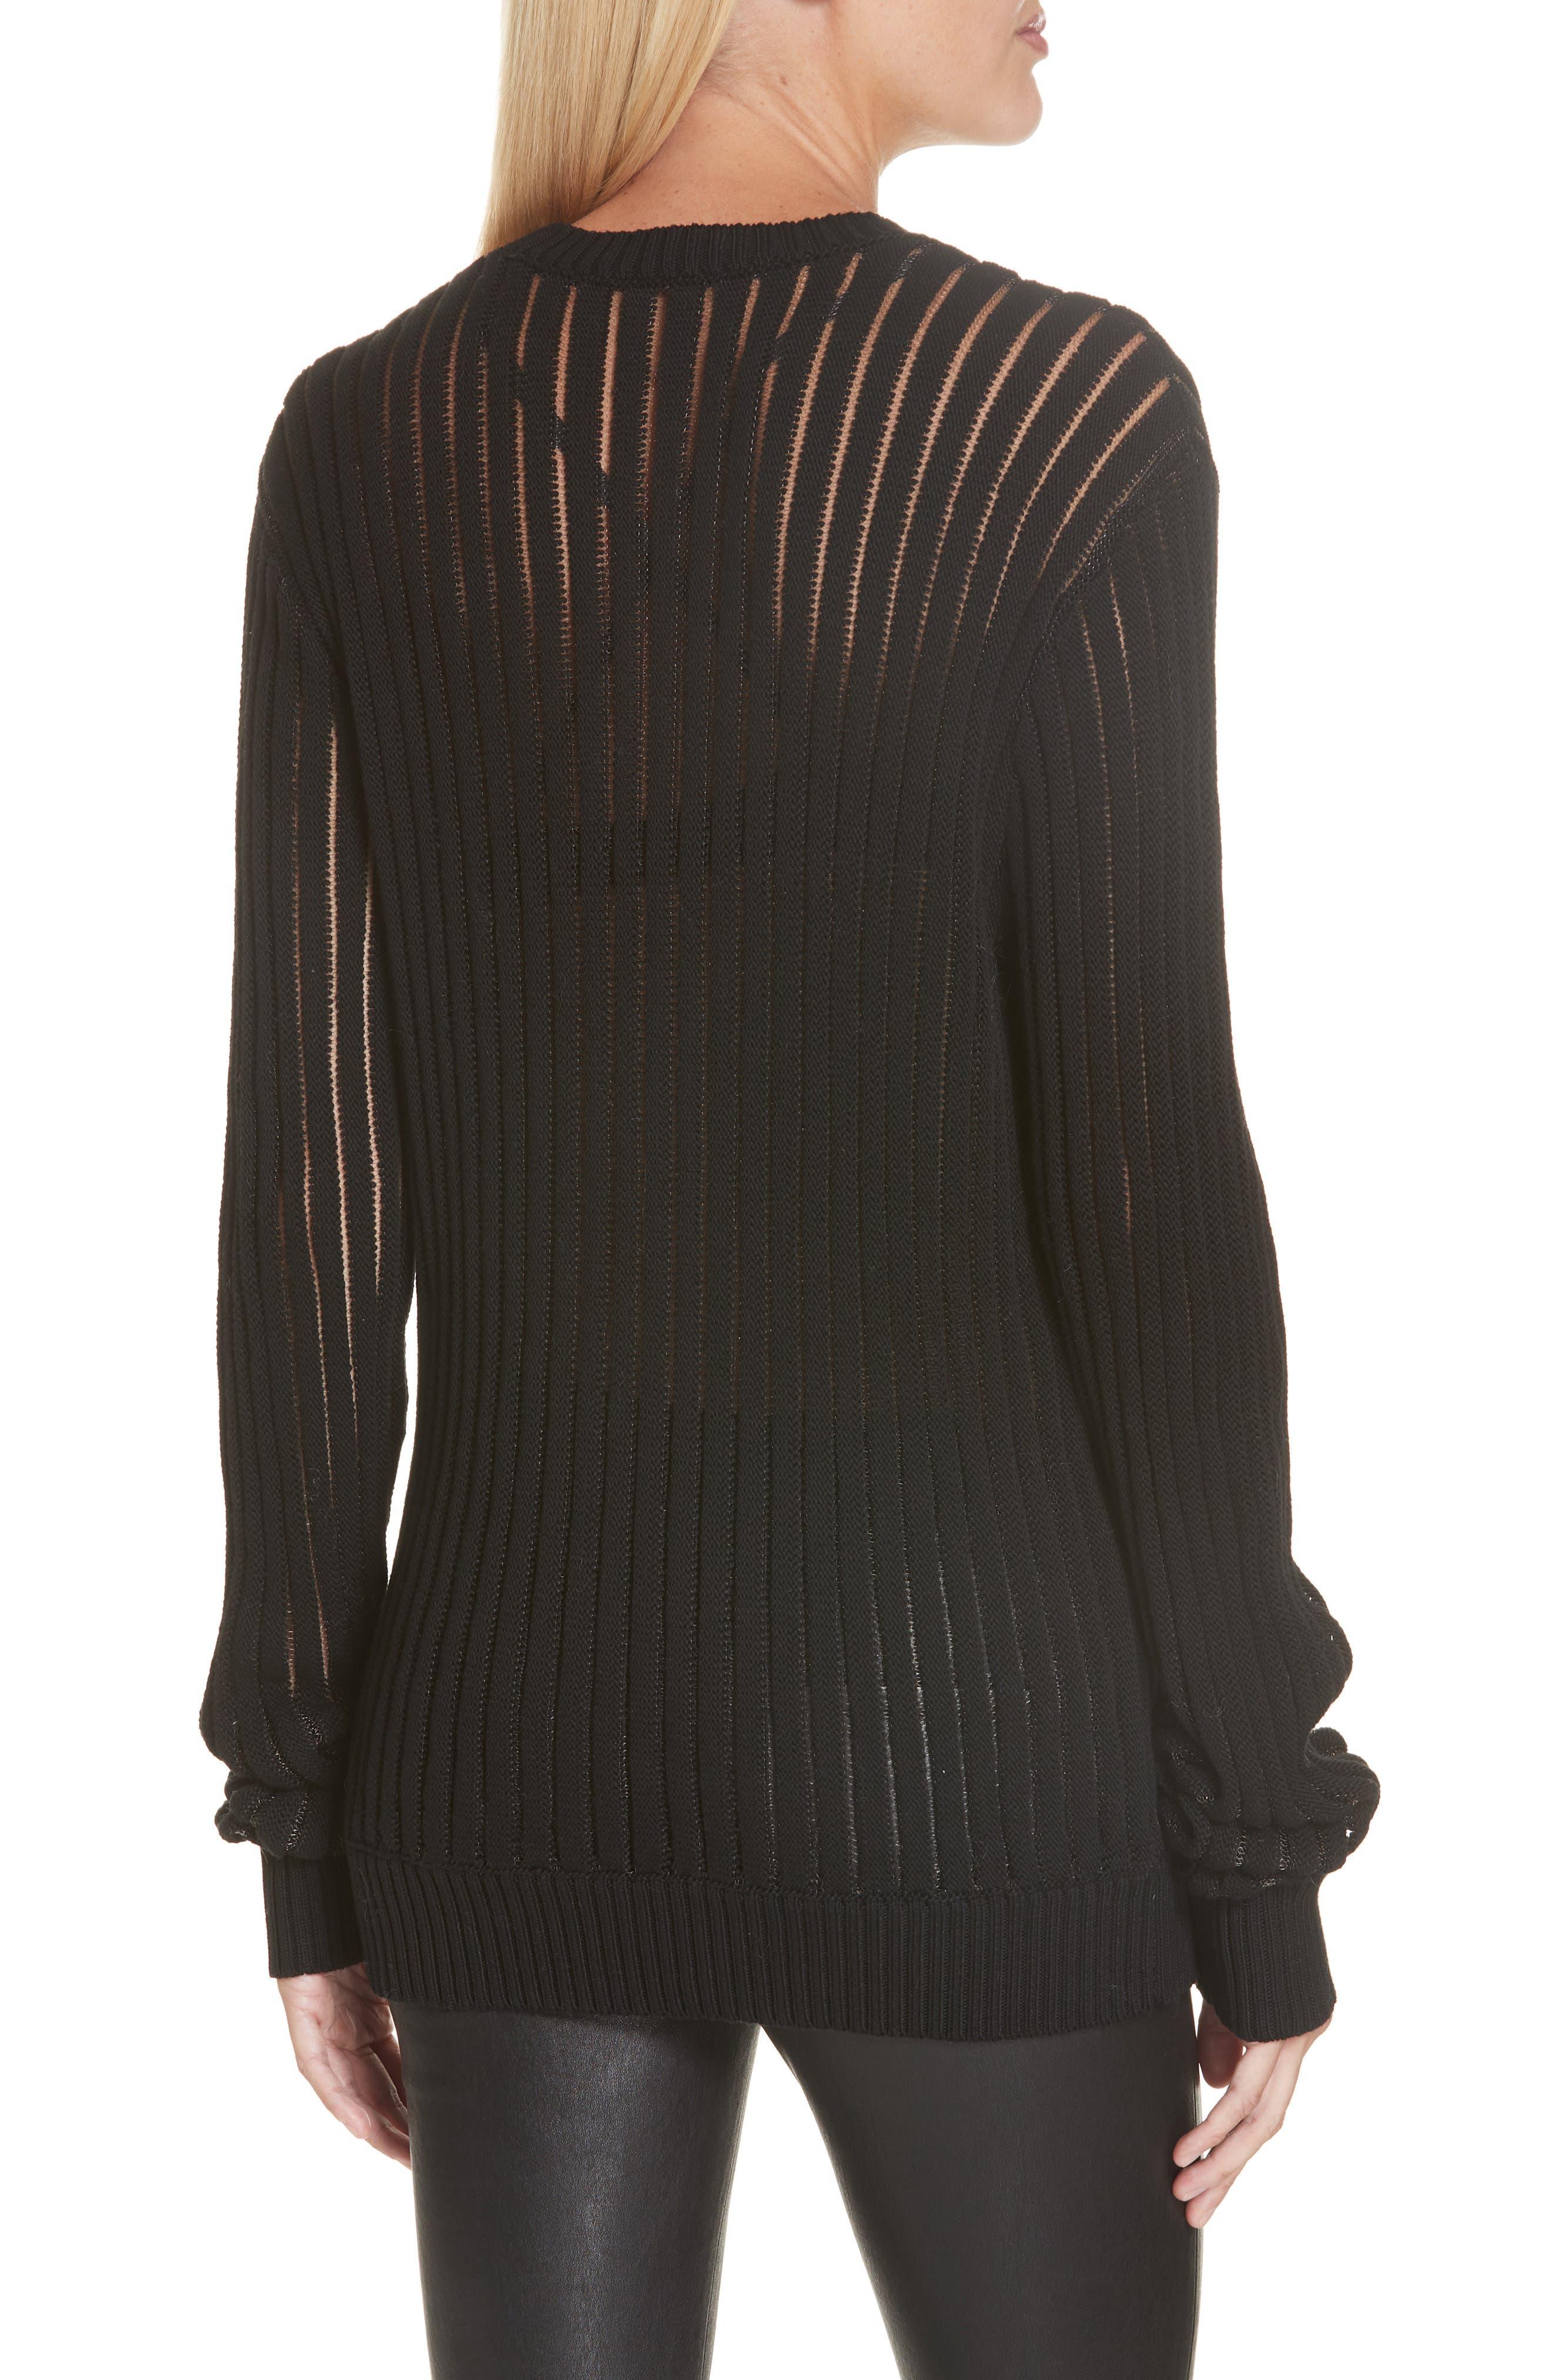 HELMUT LANG, Sheer Stripe Sweater, Alternate thumbnail 2, color, 001